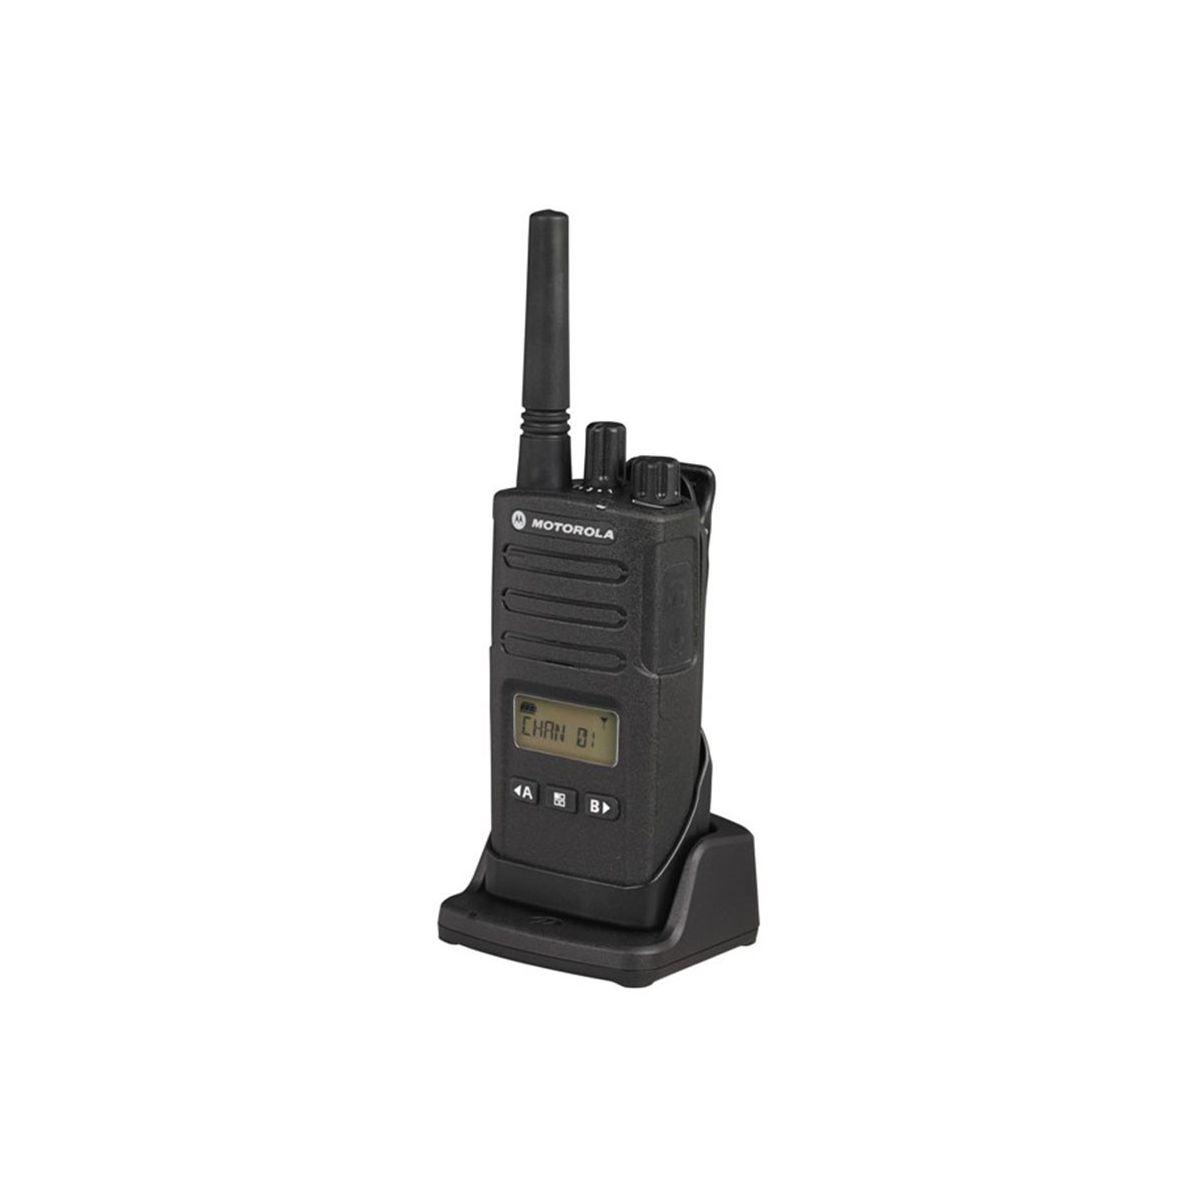 Talkie walkie motorola xt-460 - 10% de remise imm�diate avec le code : cadeau10 (photo)